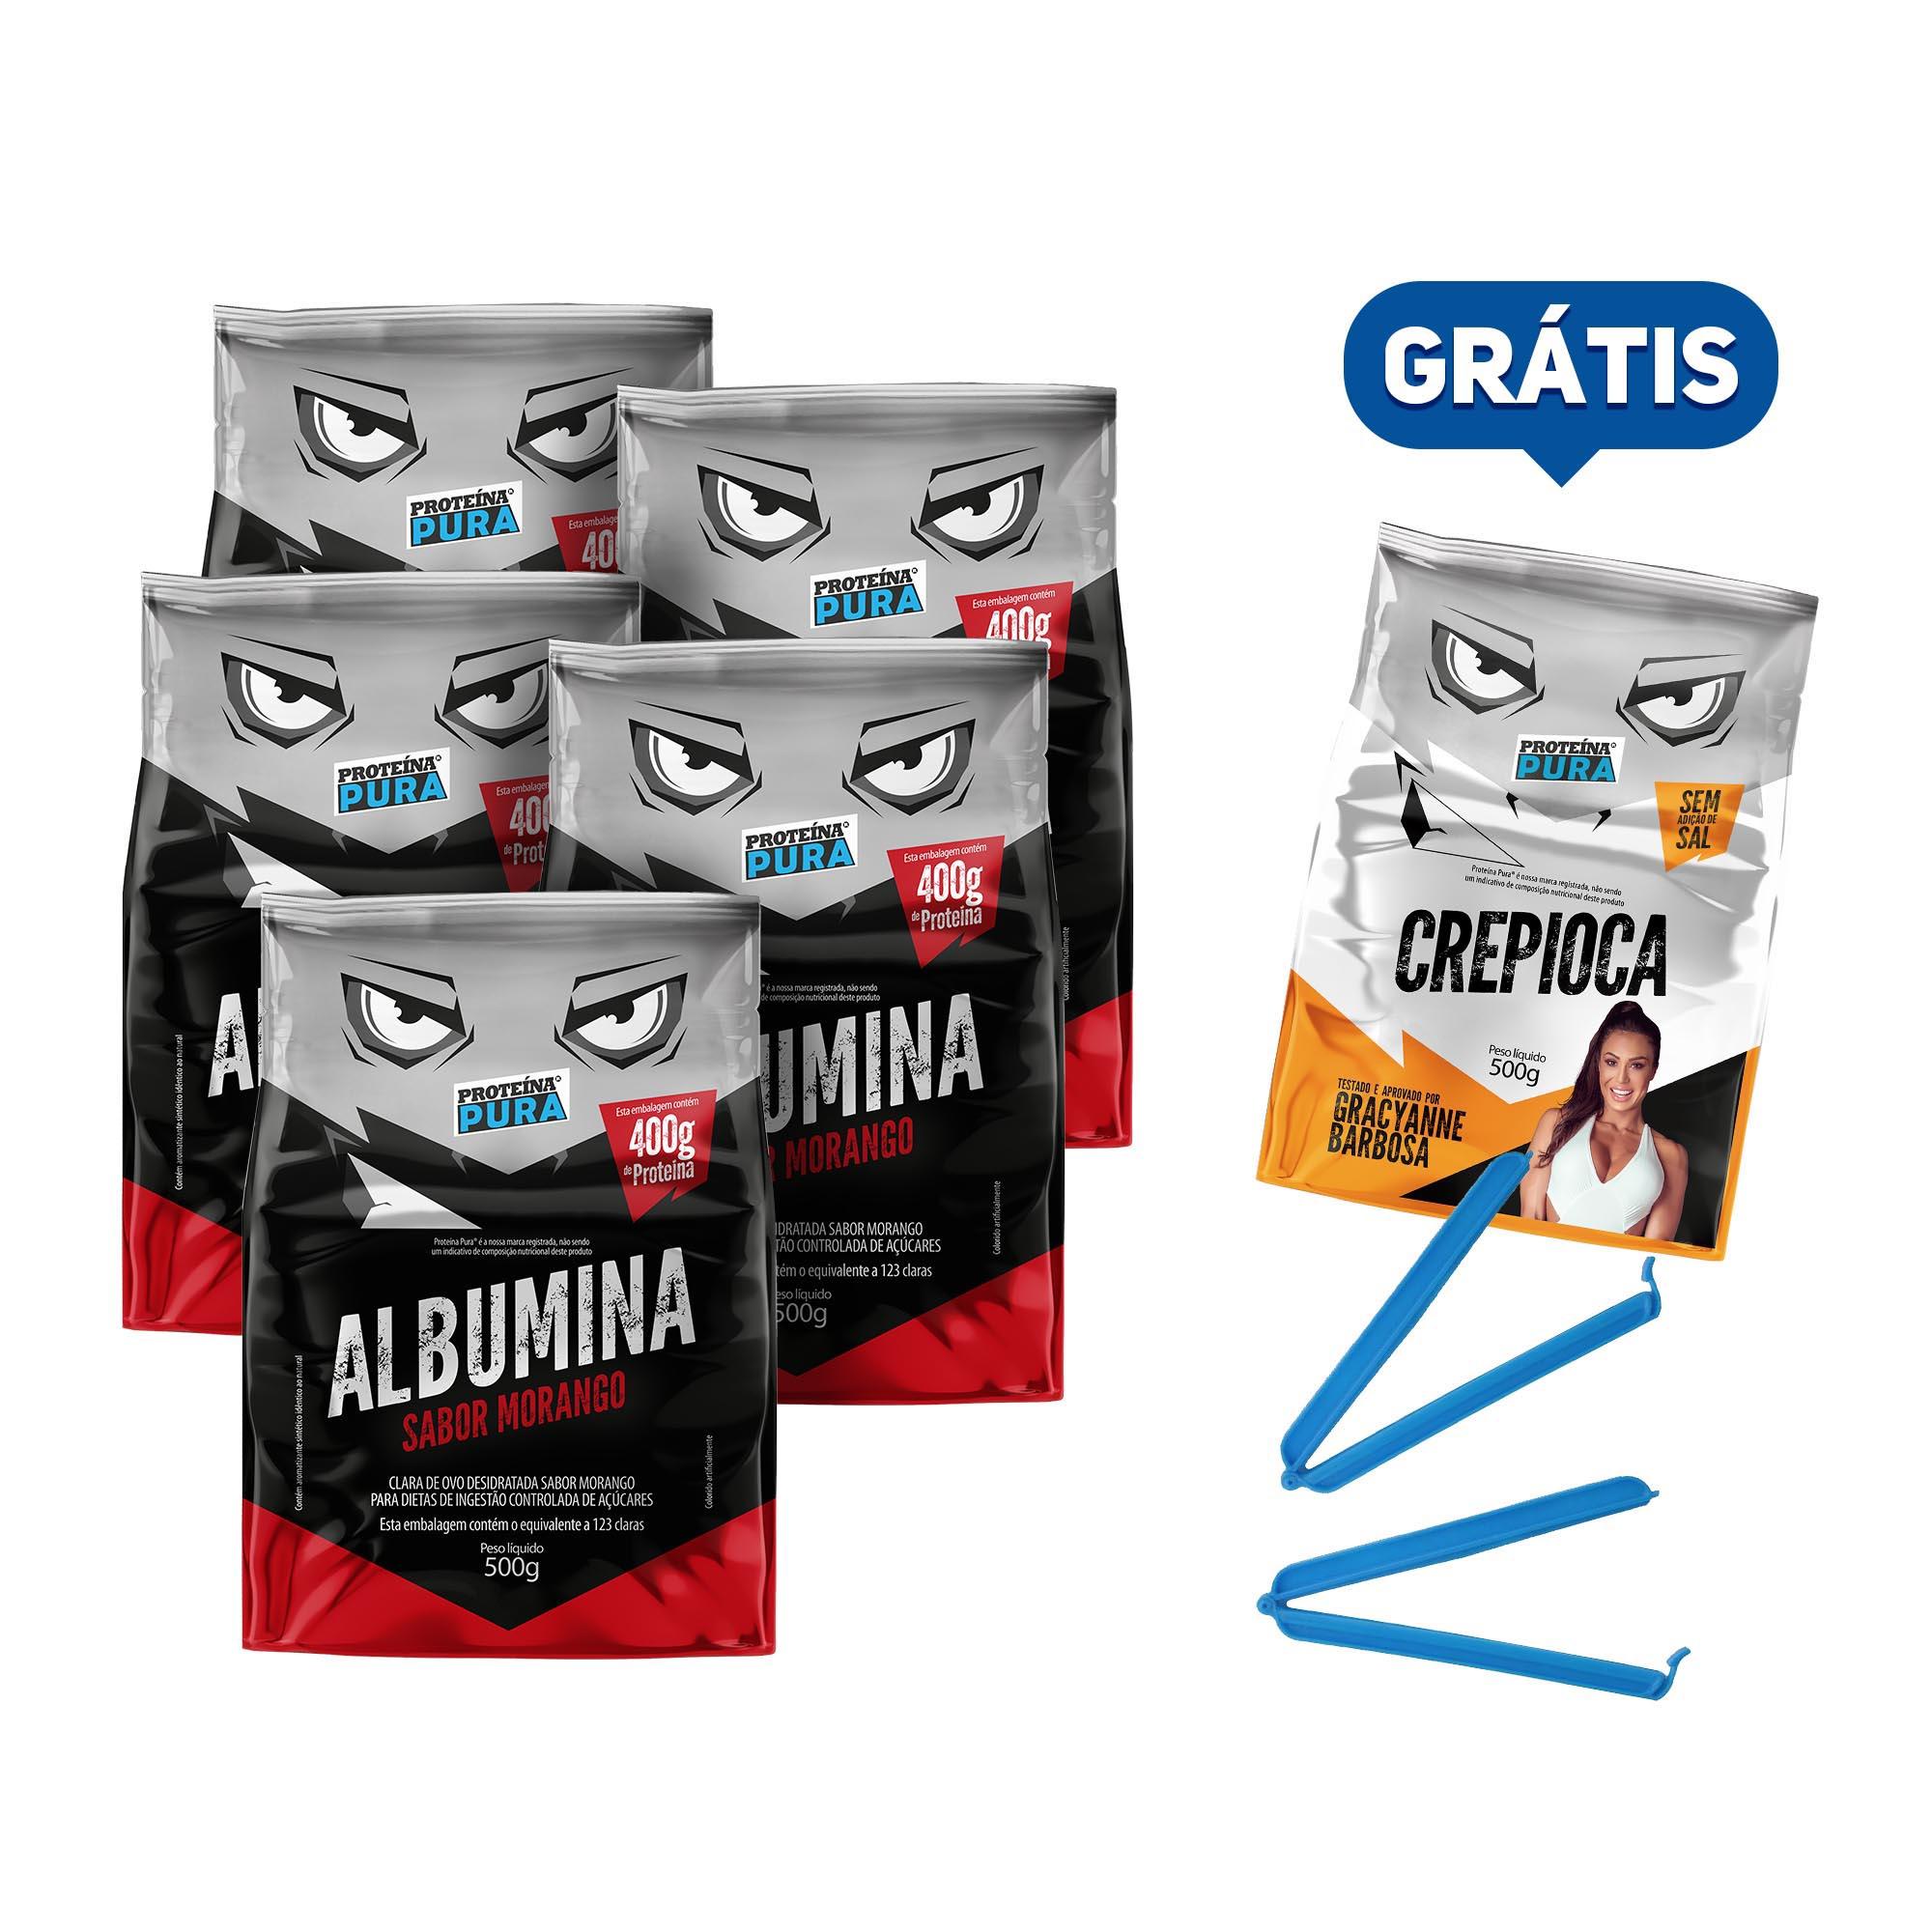 Kit Albumina Morango - (5 un x 500g) - Proteína Pura